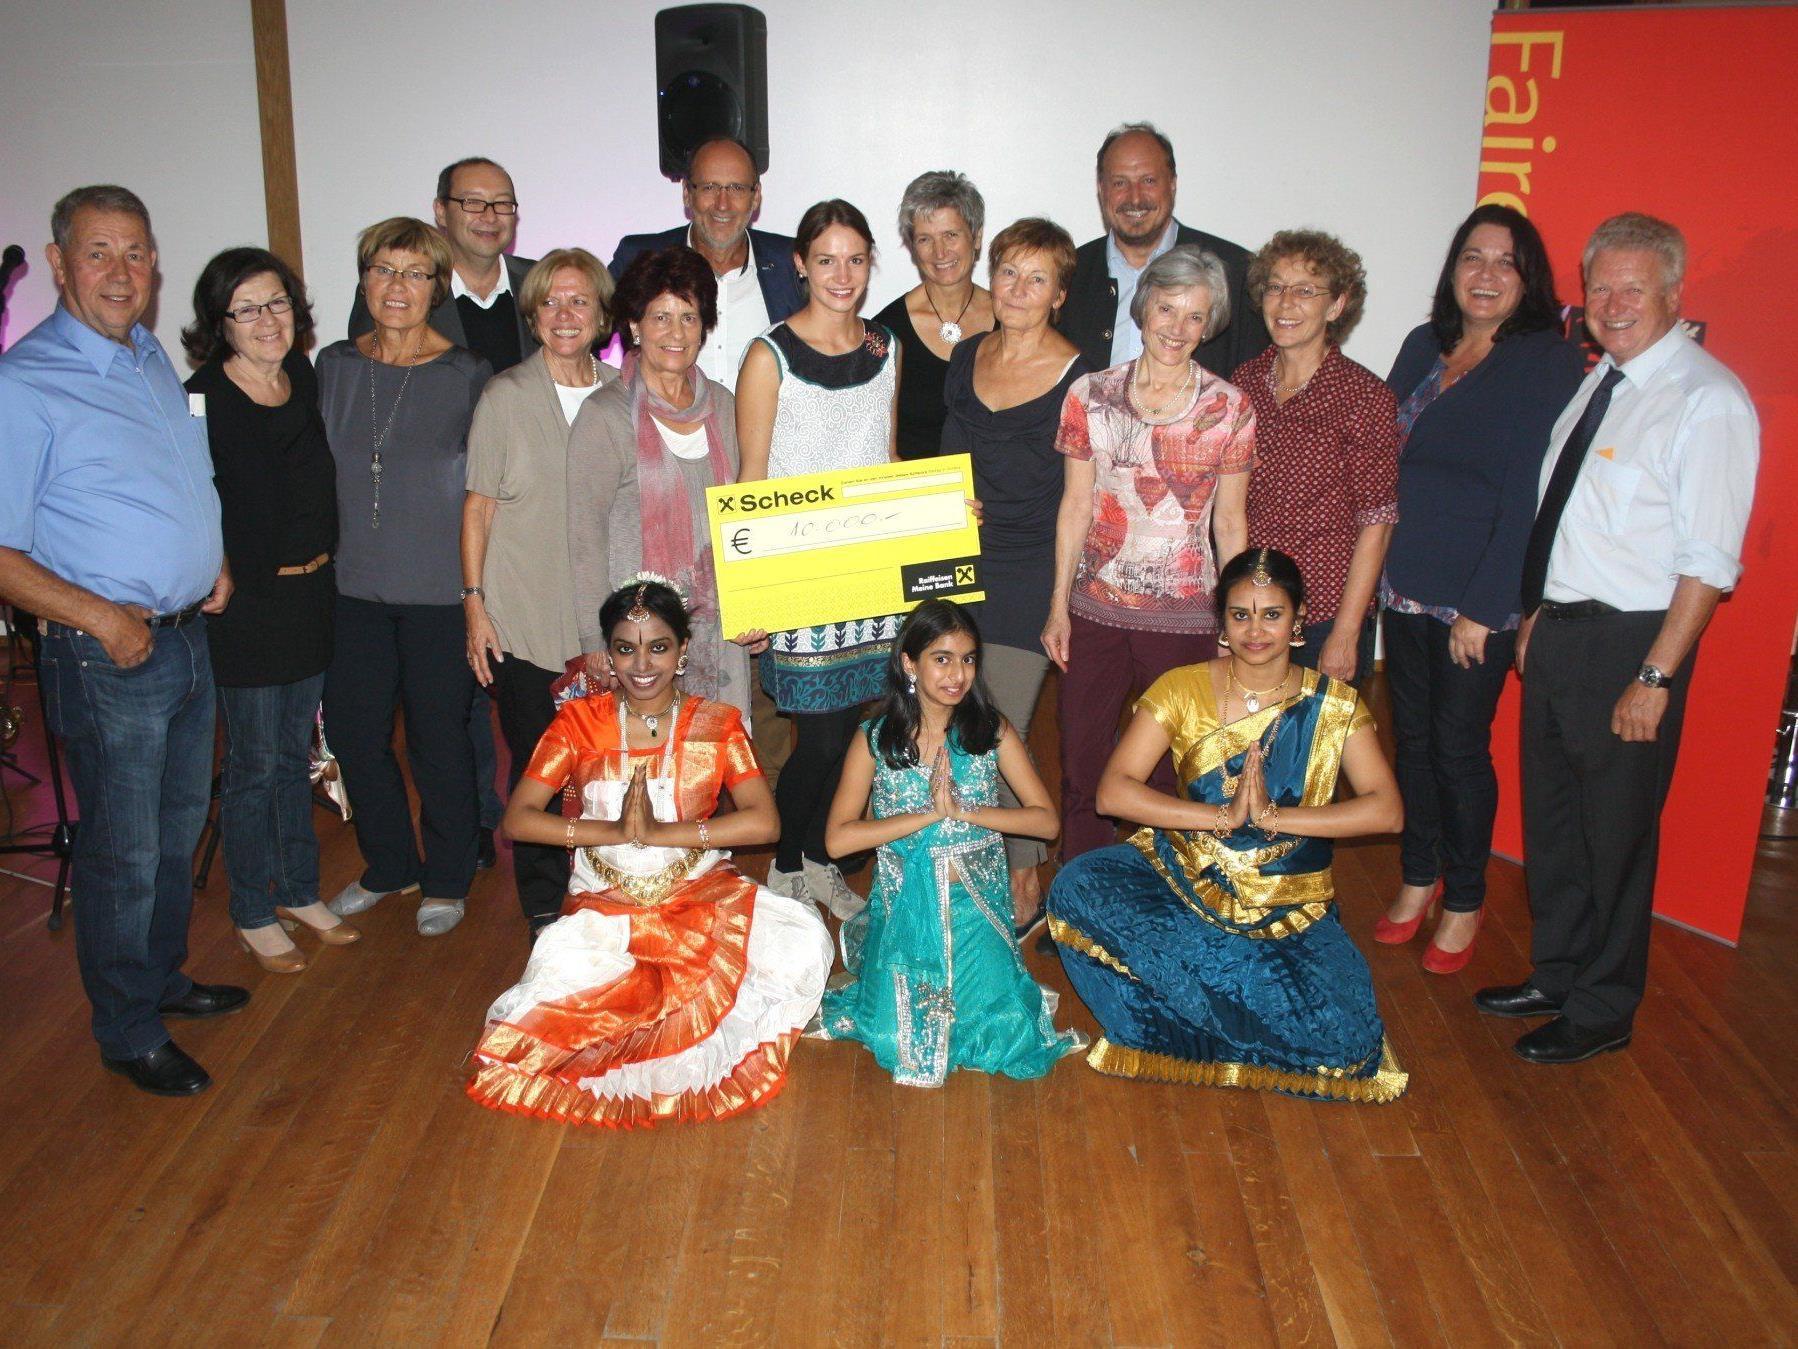 """Die Überreichung eines 10.000-Euro-Schecks an die """"Pater Raja Foundation"""" in Indien war an diesem indischen Festabend der besondere Höhepunkt.."""